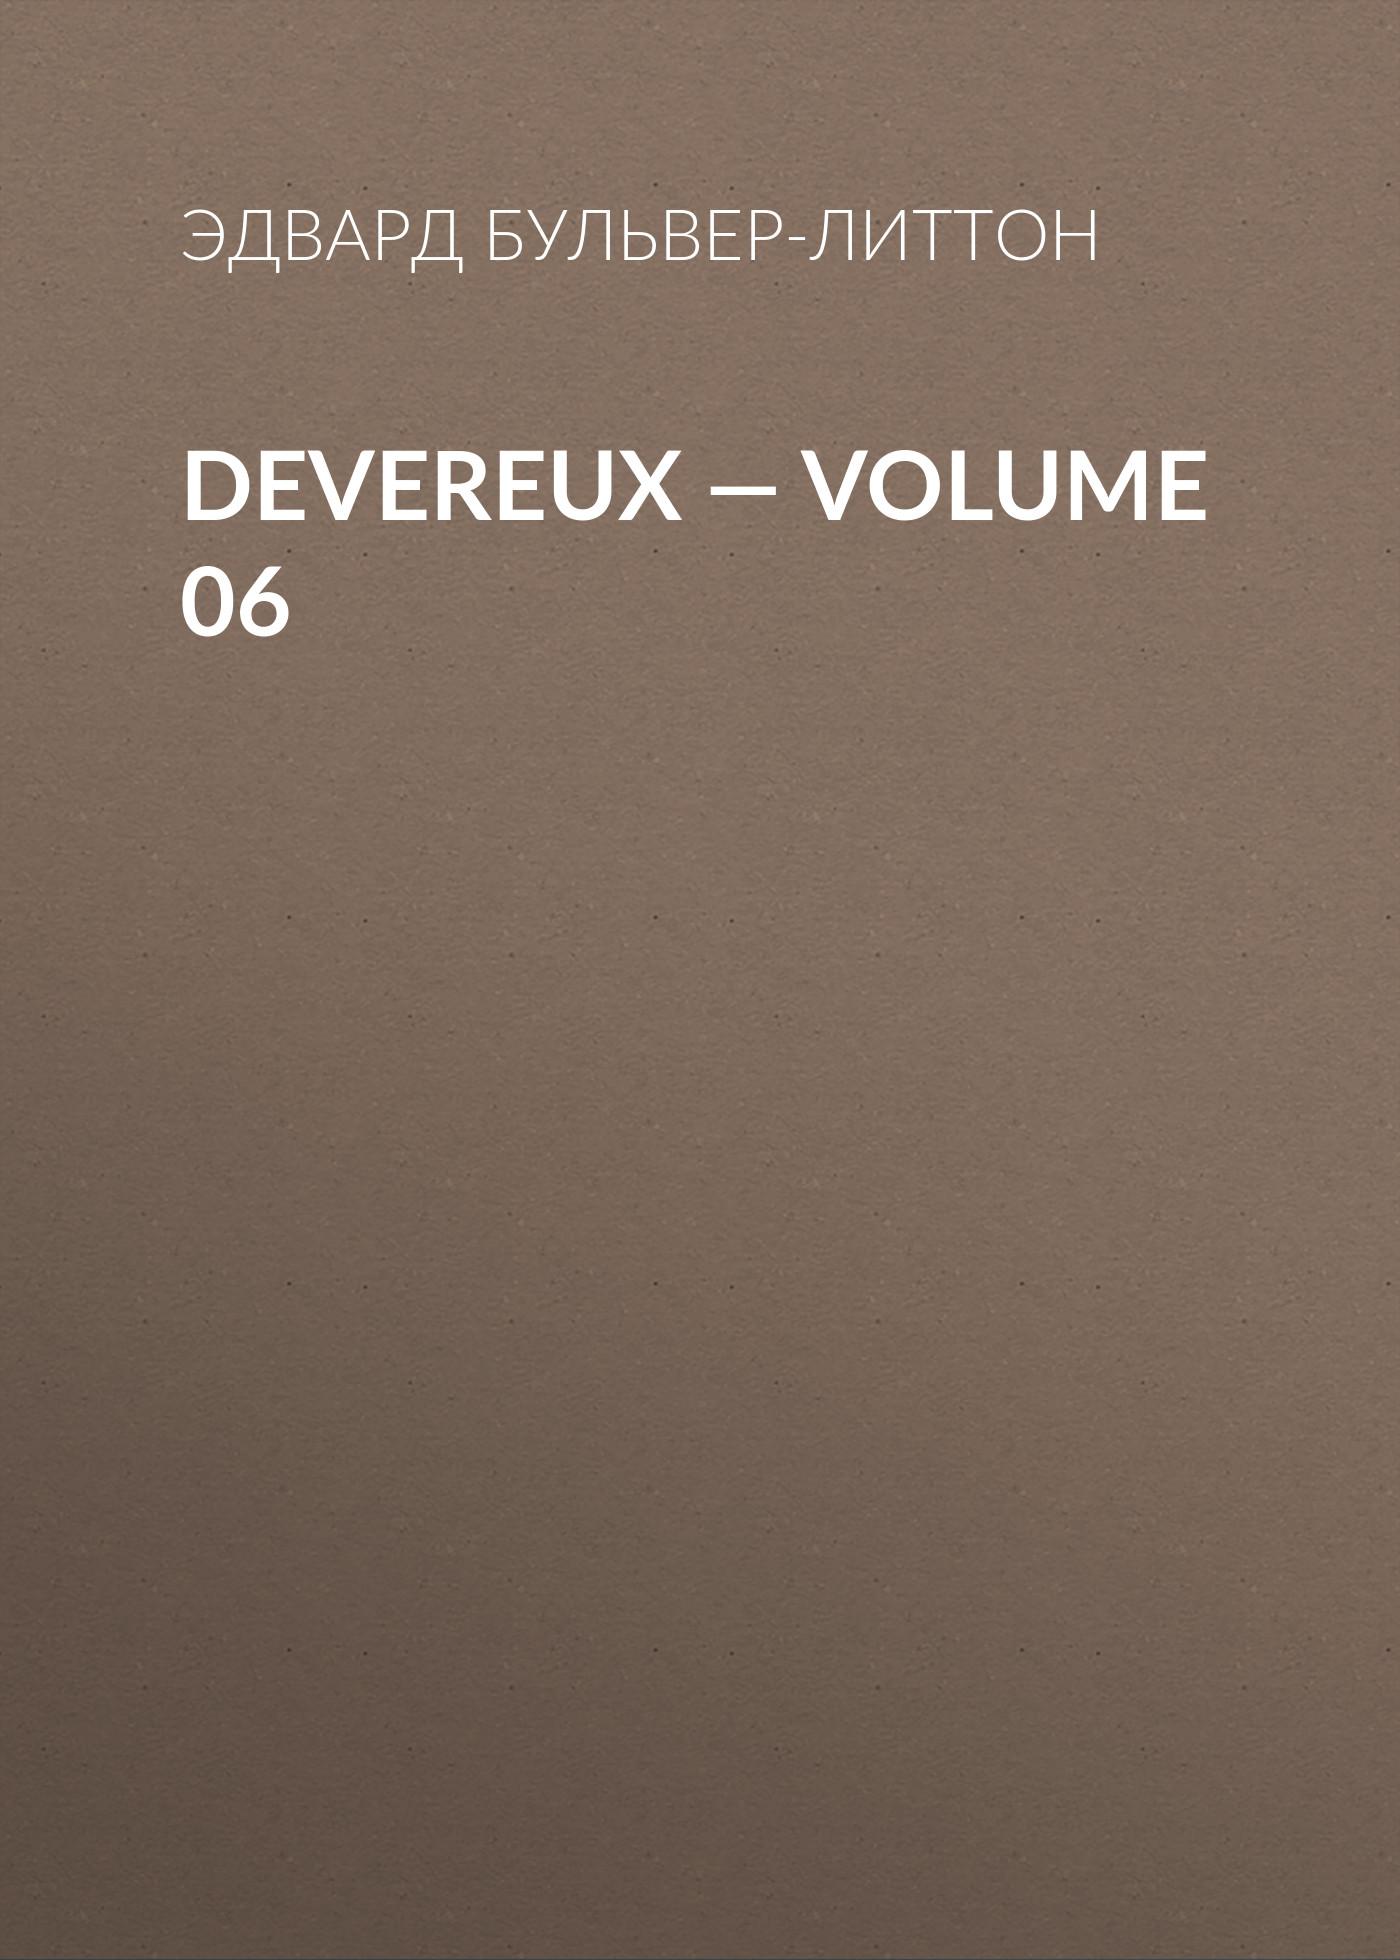 Devereux — Volume 06